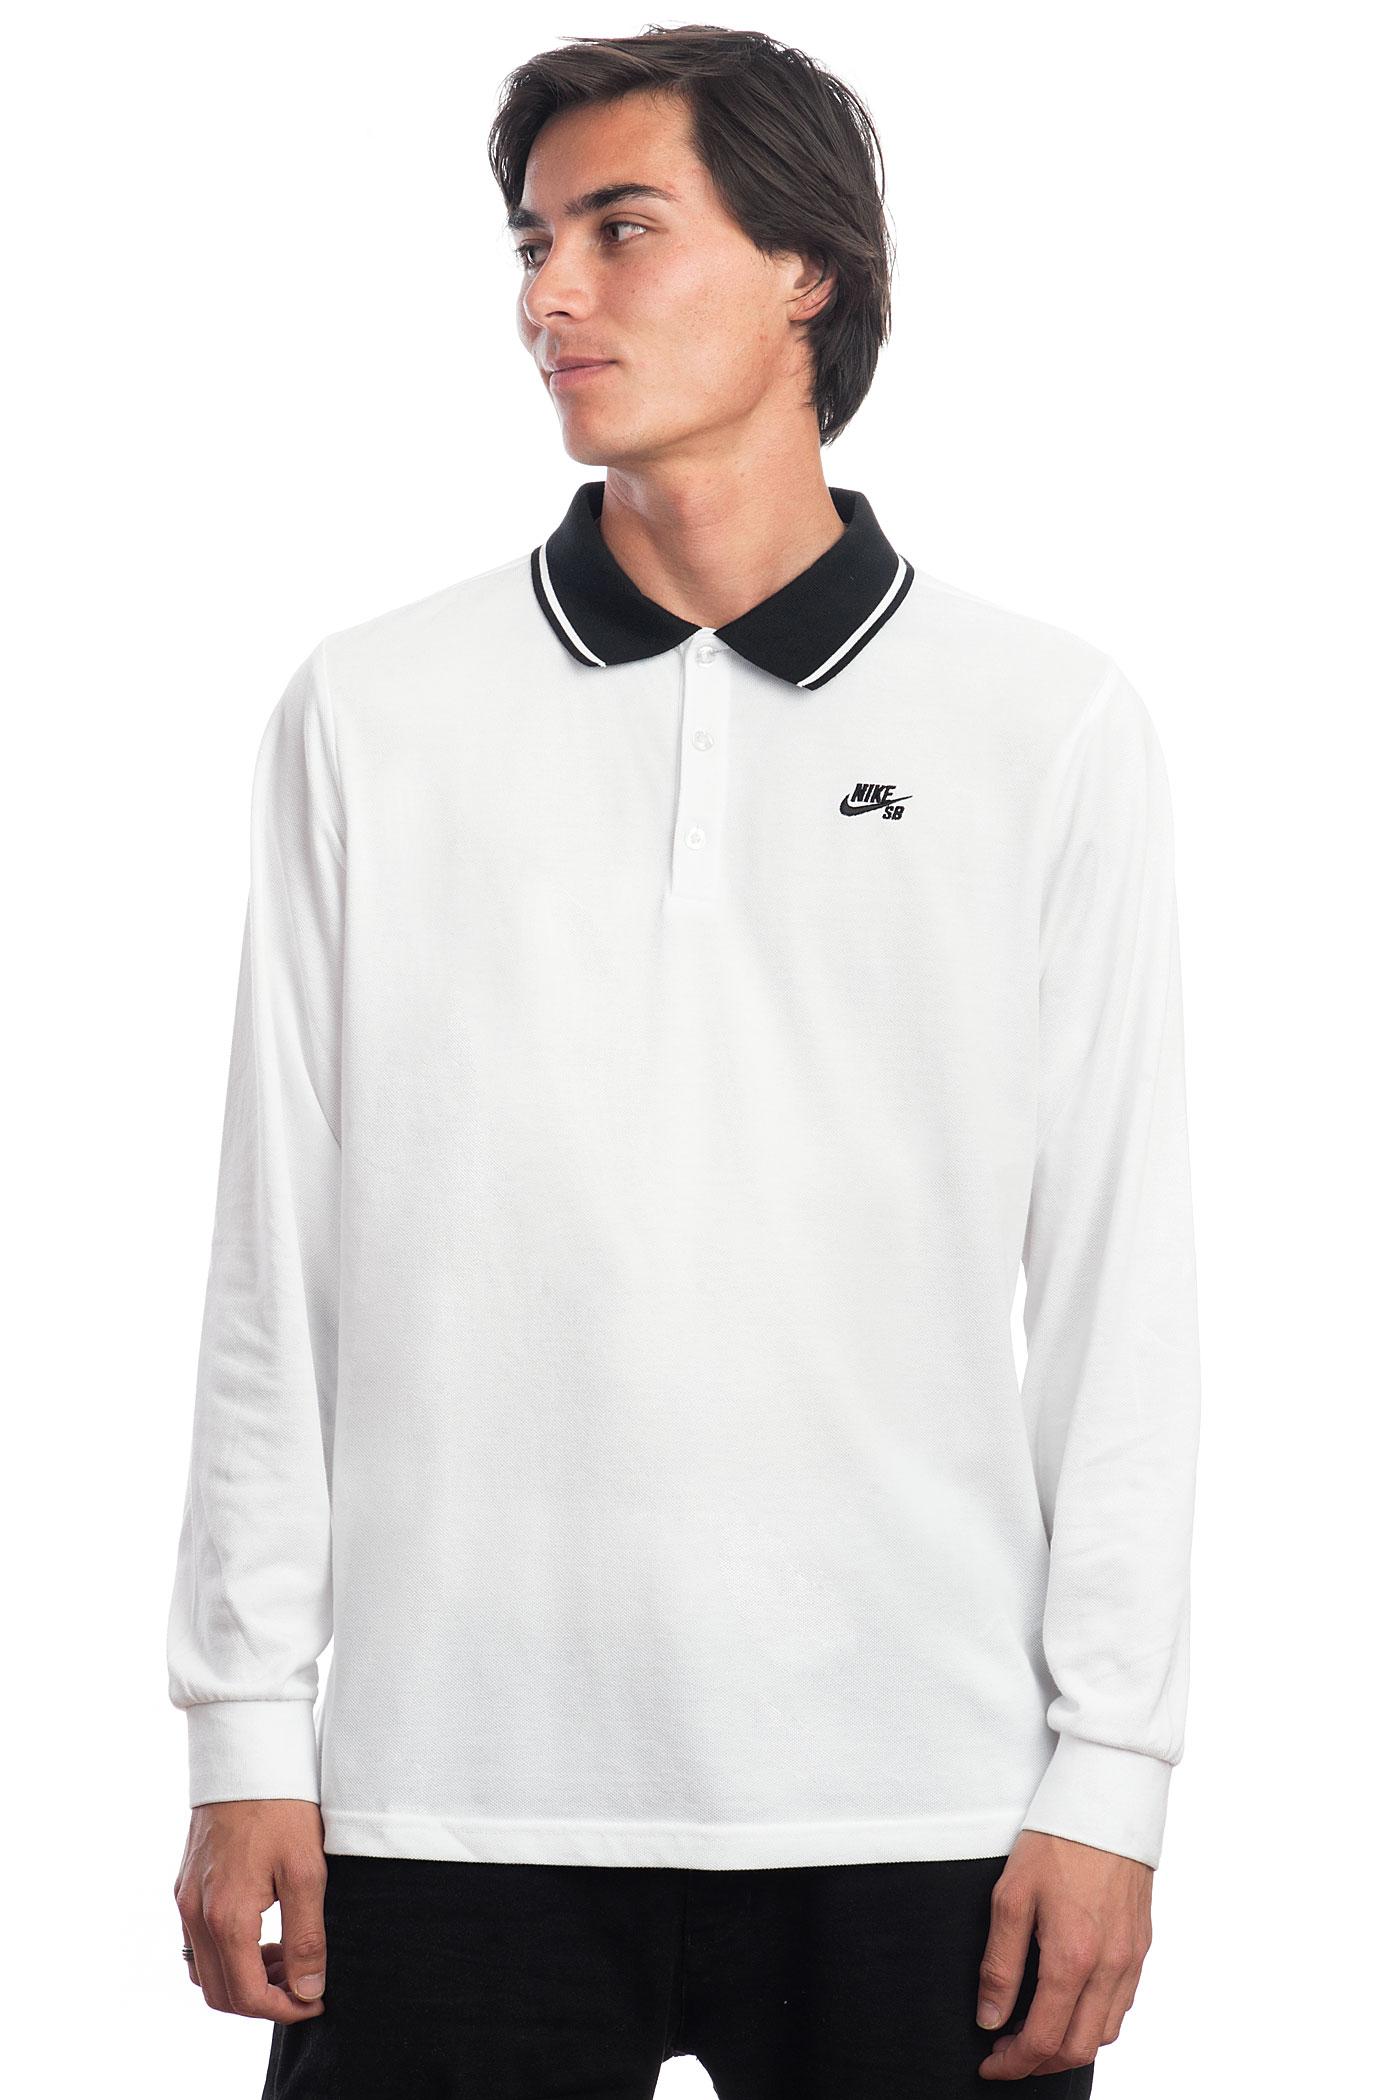 Nike Mens Long Sleeve Polo Shirts Joe Maloy